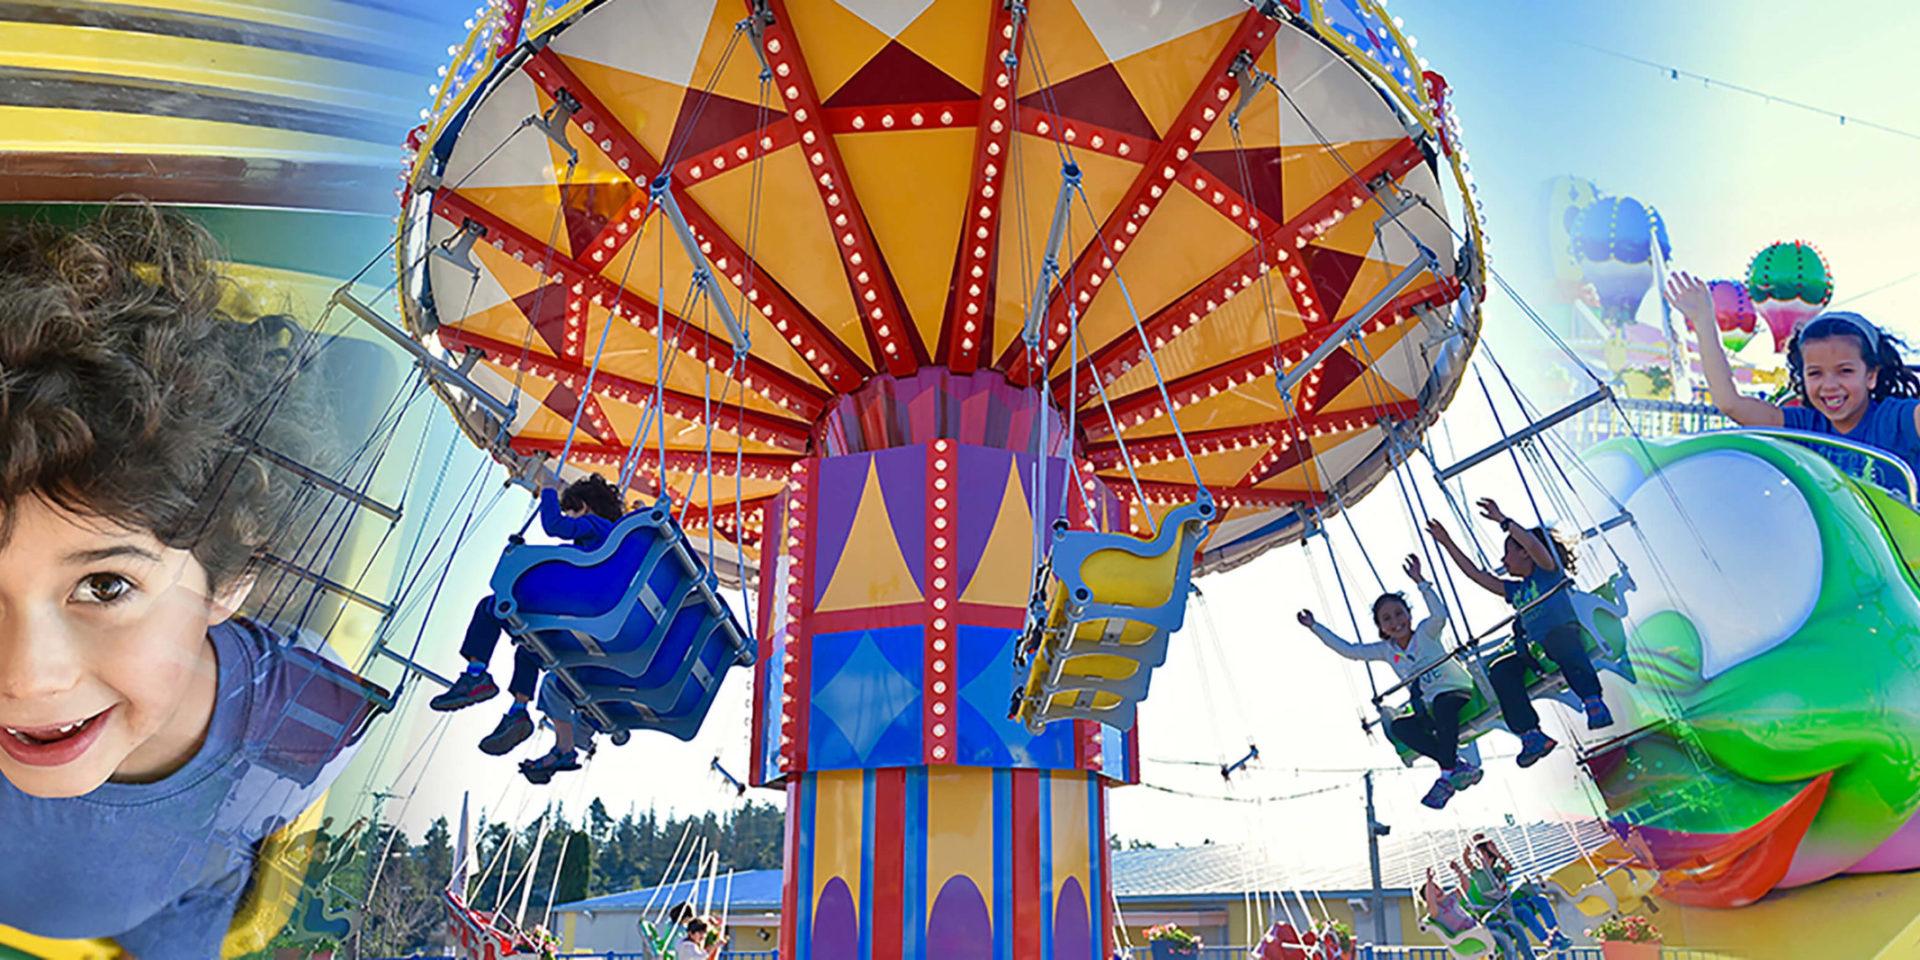 פארק קיפצובה - אטרקציות לילדים ומשפחות